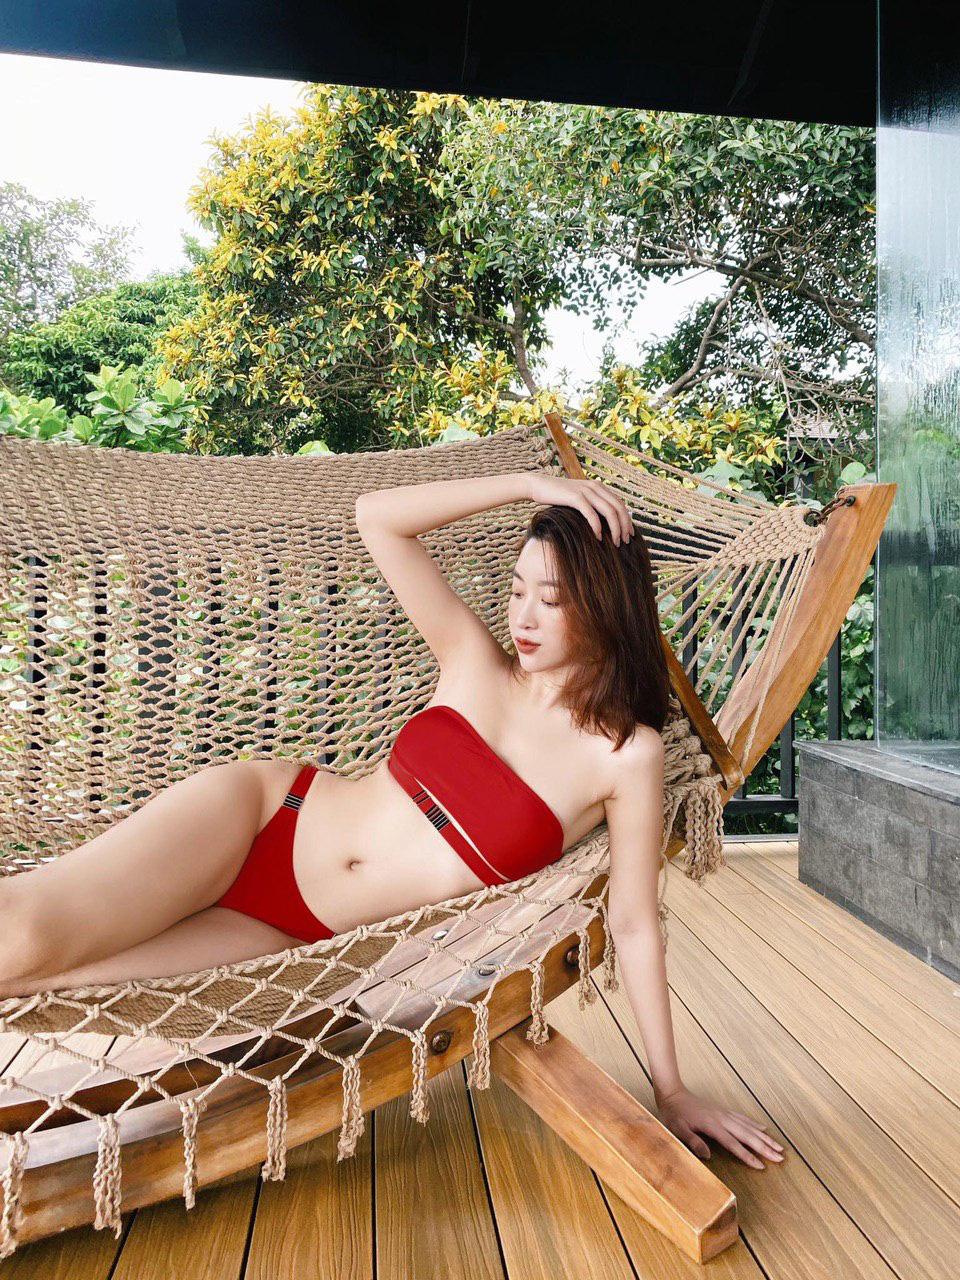 """Đỗ Mỹ Linh hiếm hoi mặc bikini quyến rũ hút mắt khiến dân mạng """"thổn thức"""" - Ảnh 3."""